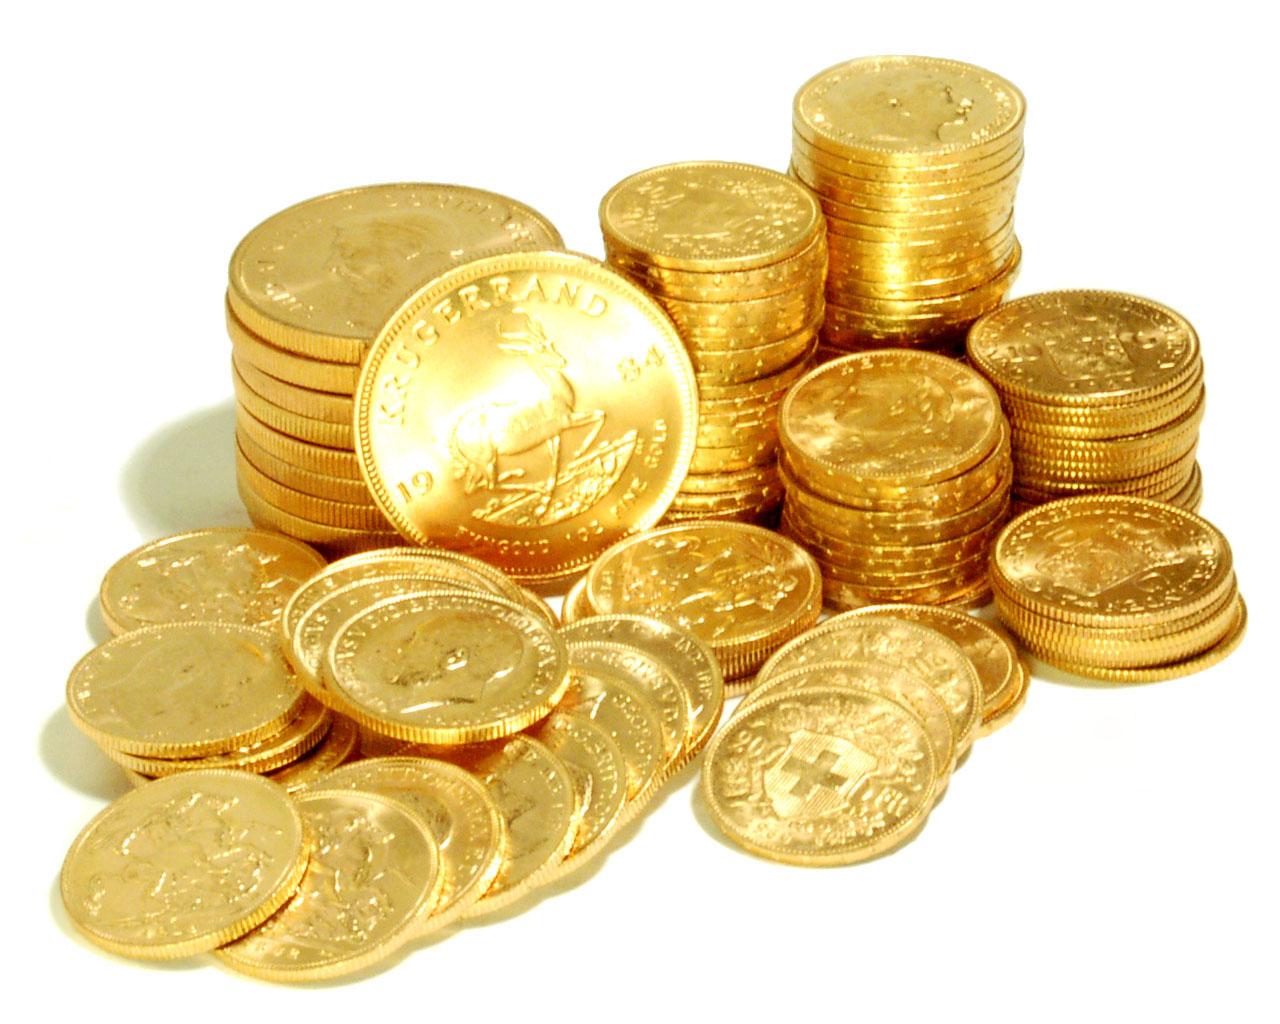 قیمت امروز سکه گرمی